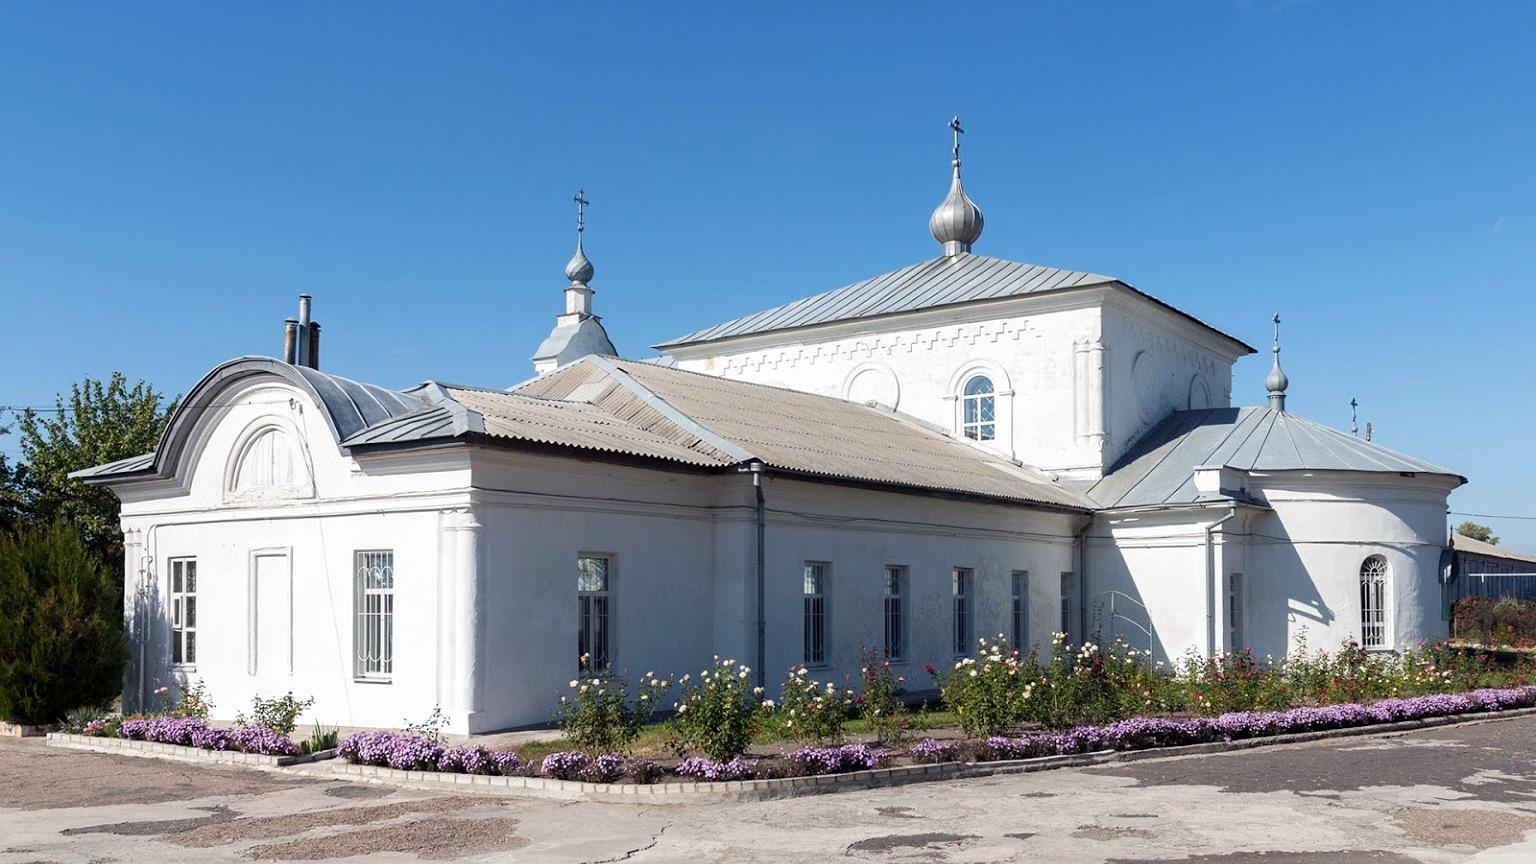 Старобельский монастырь (Луганская область)